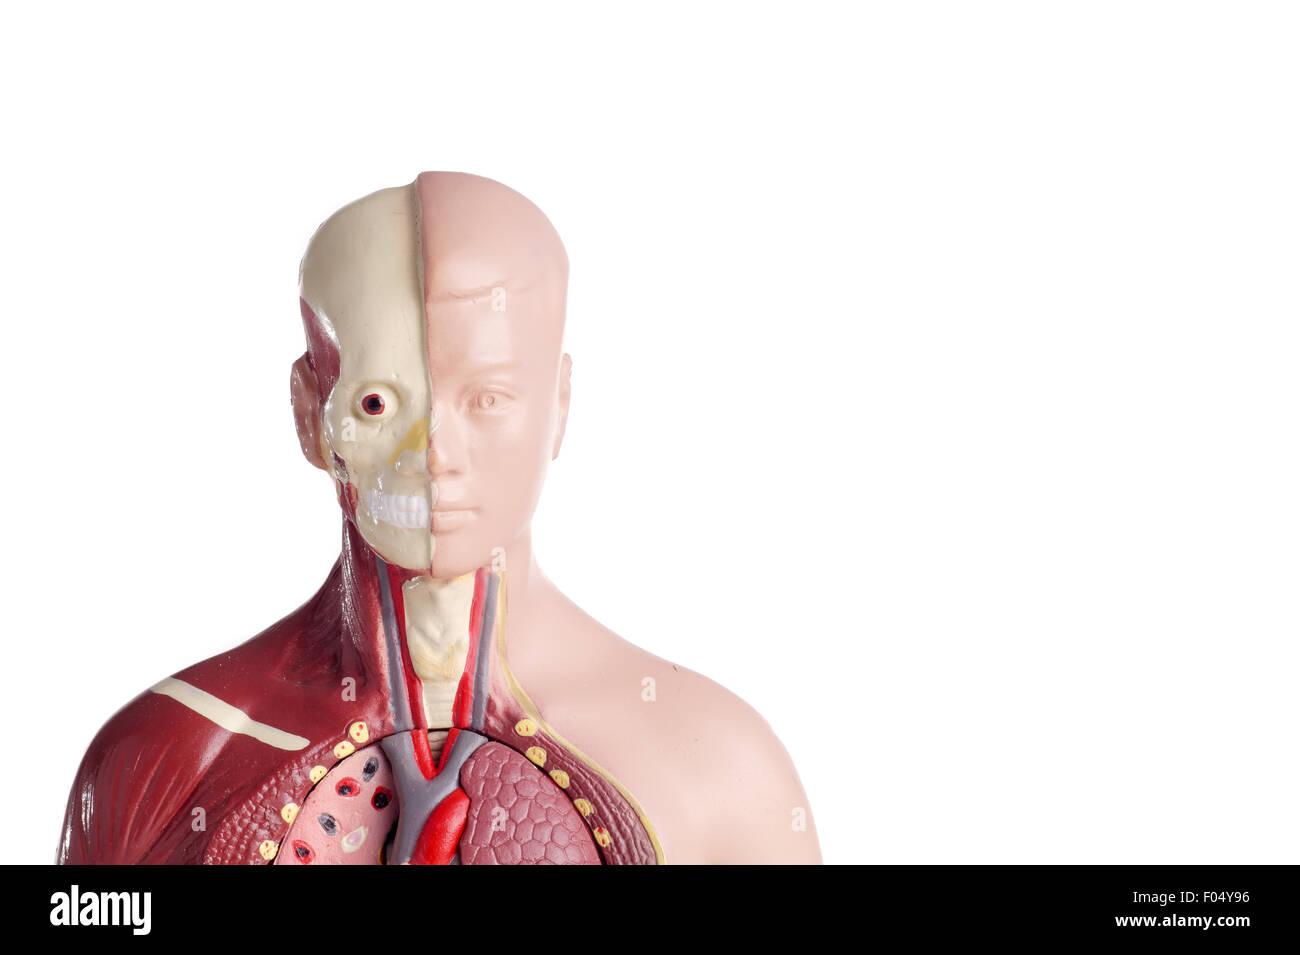 Menschliche Anatomie-Modell für Lehrende Studierende und Patienten ...